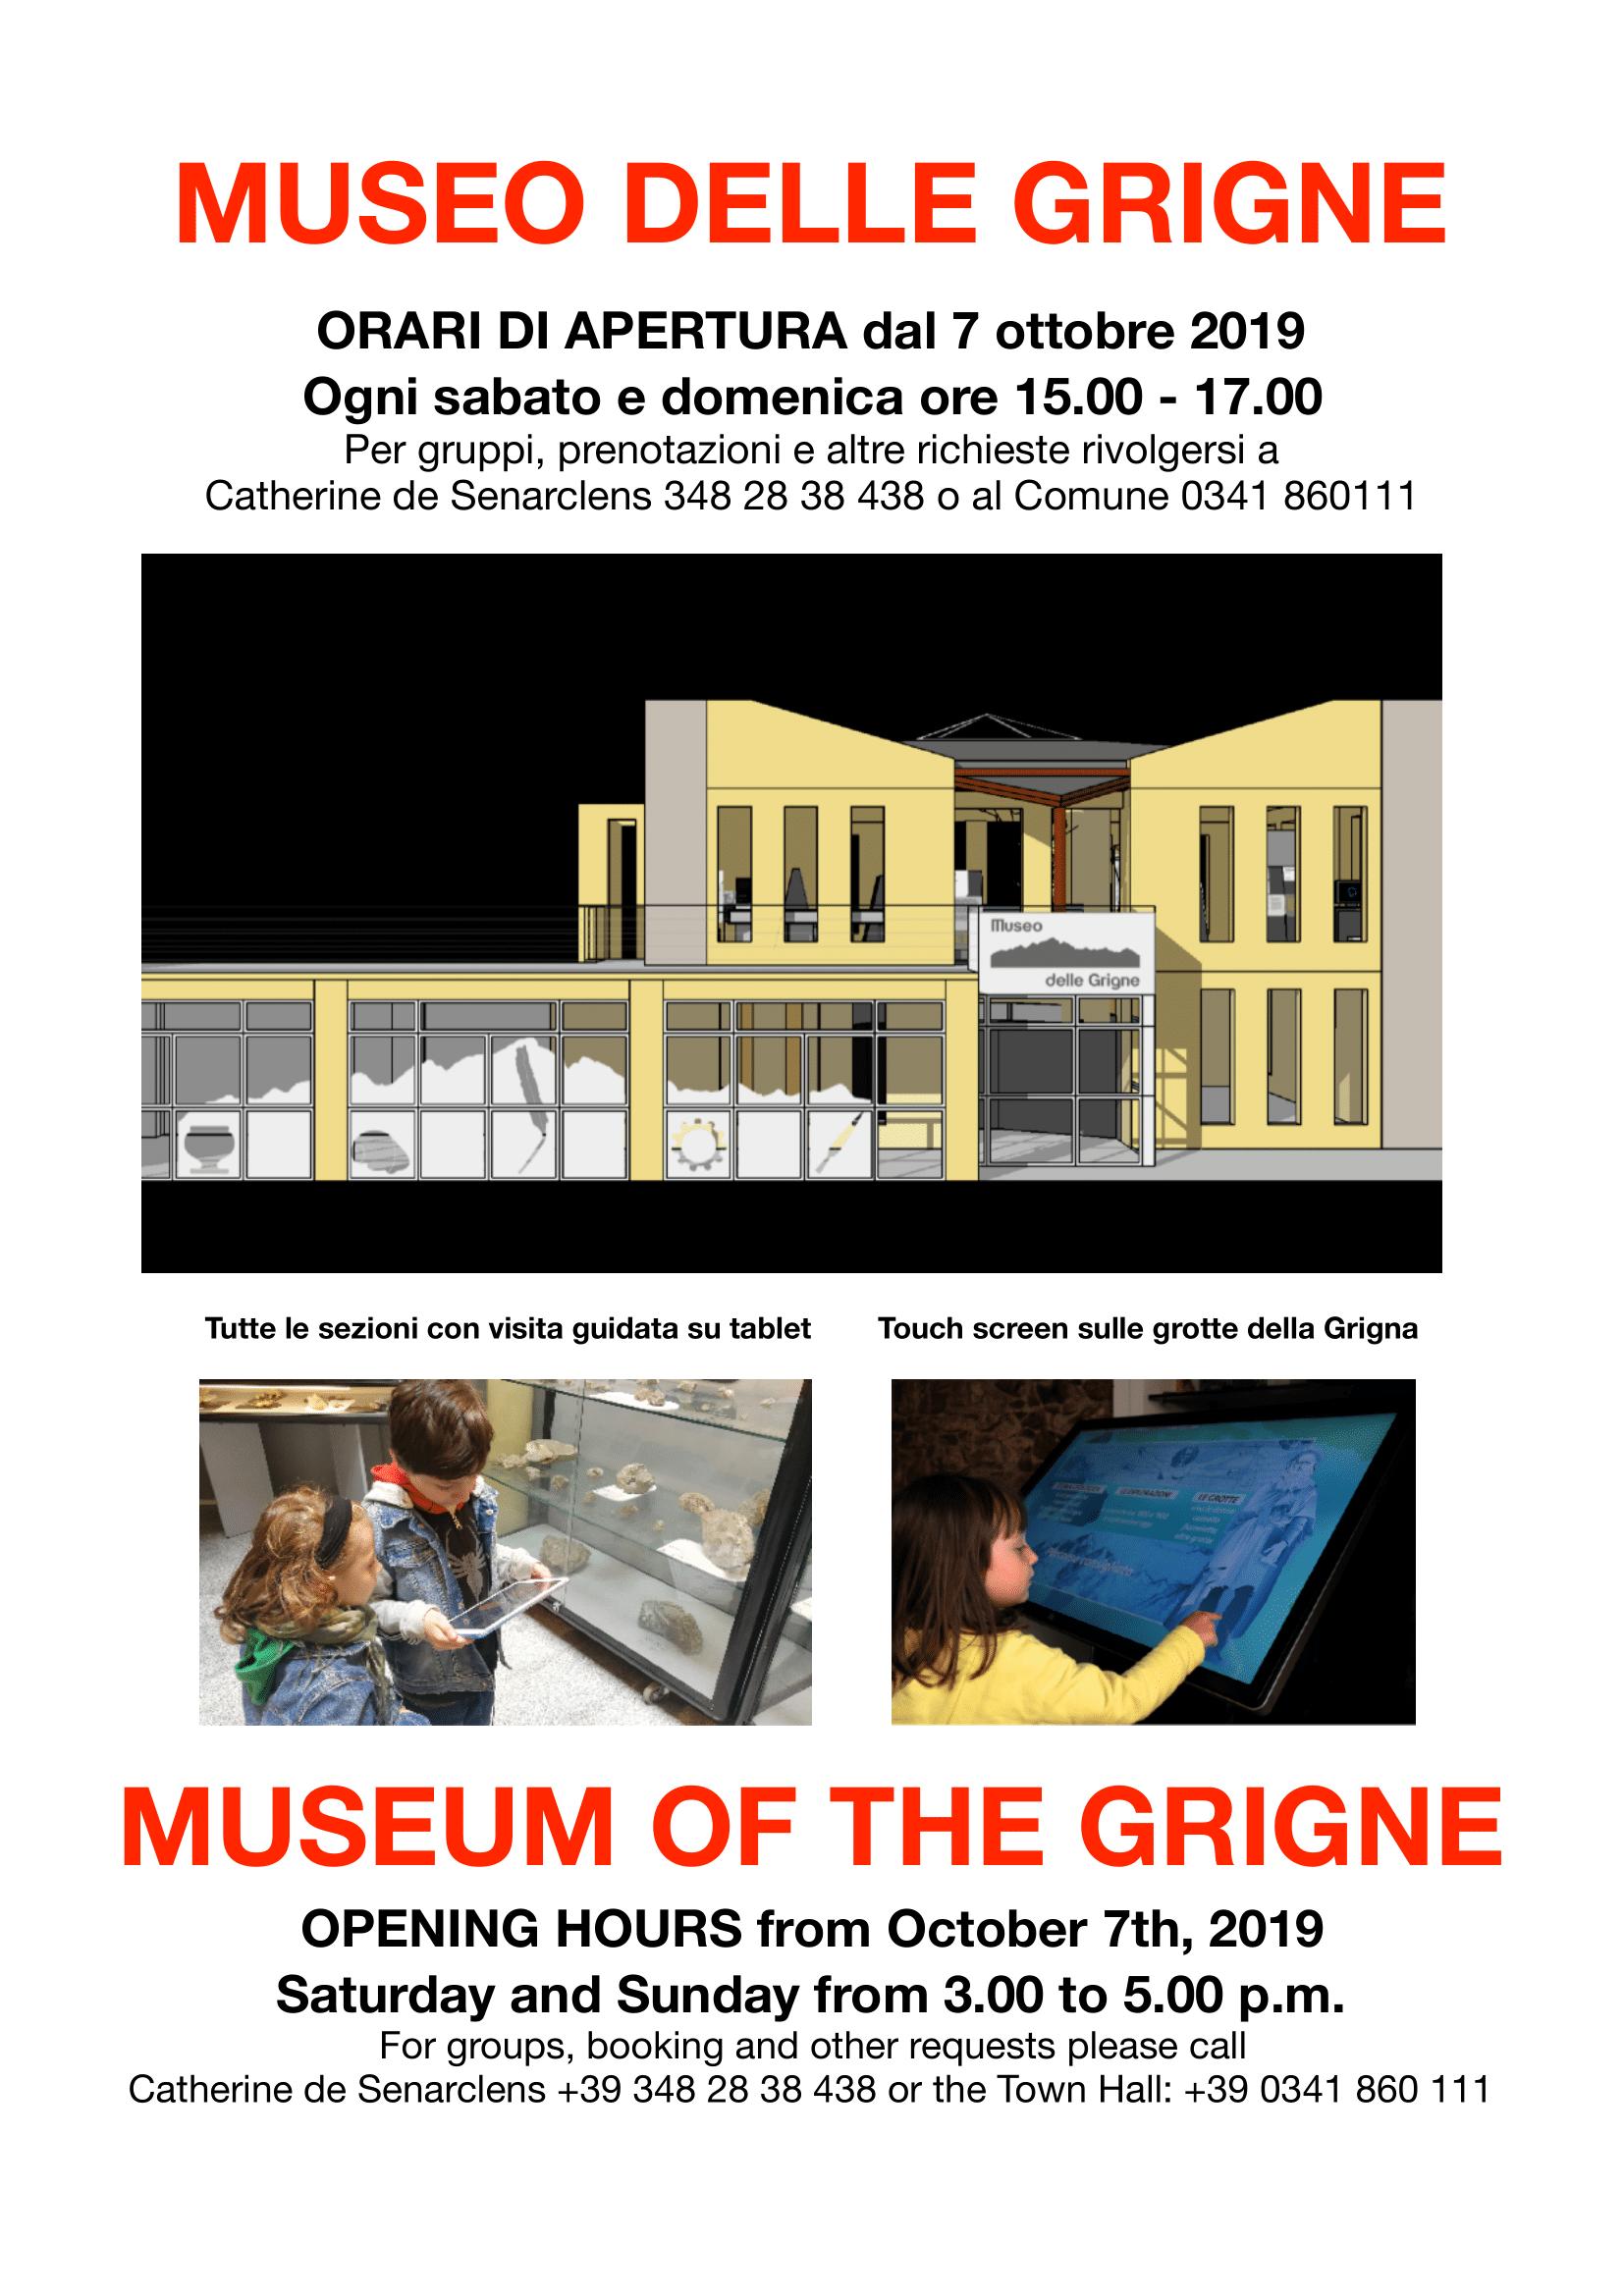 ORARI MUSEO dal 7 ottobre 2019